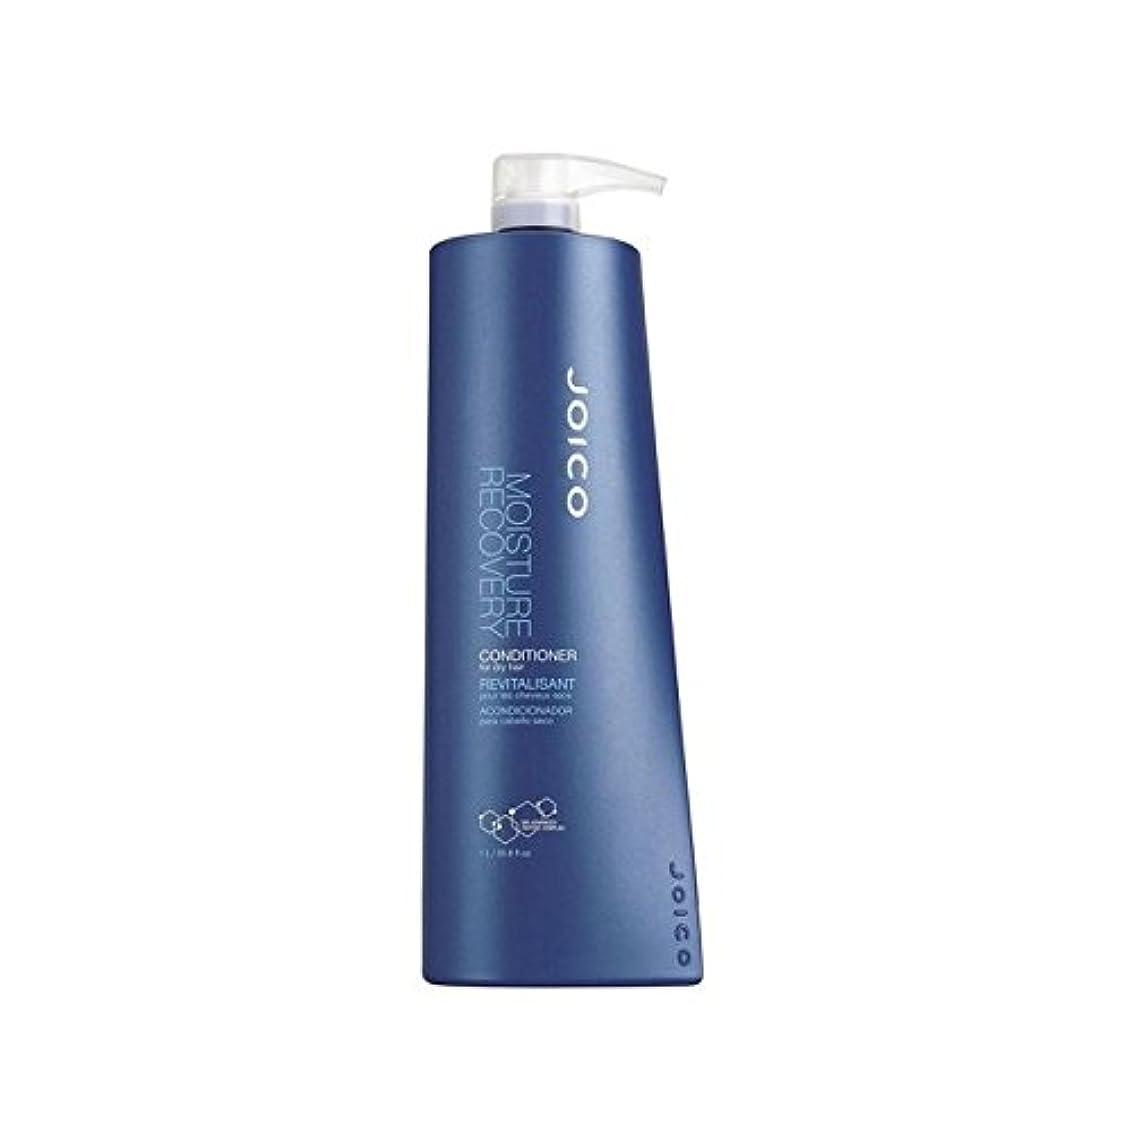 シリングトロイの木馬セマフォ乾いた髪用ジョイコ水分回復コンディショナー(千ミリリットル) x4 - Joico Moisture Recovery Conditioner For Dry Hair (1000ml) (Pack of 4) [並行輸入品]